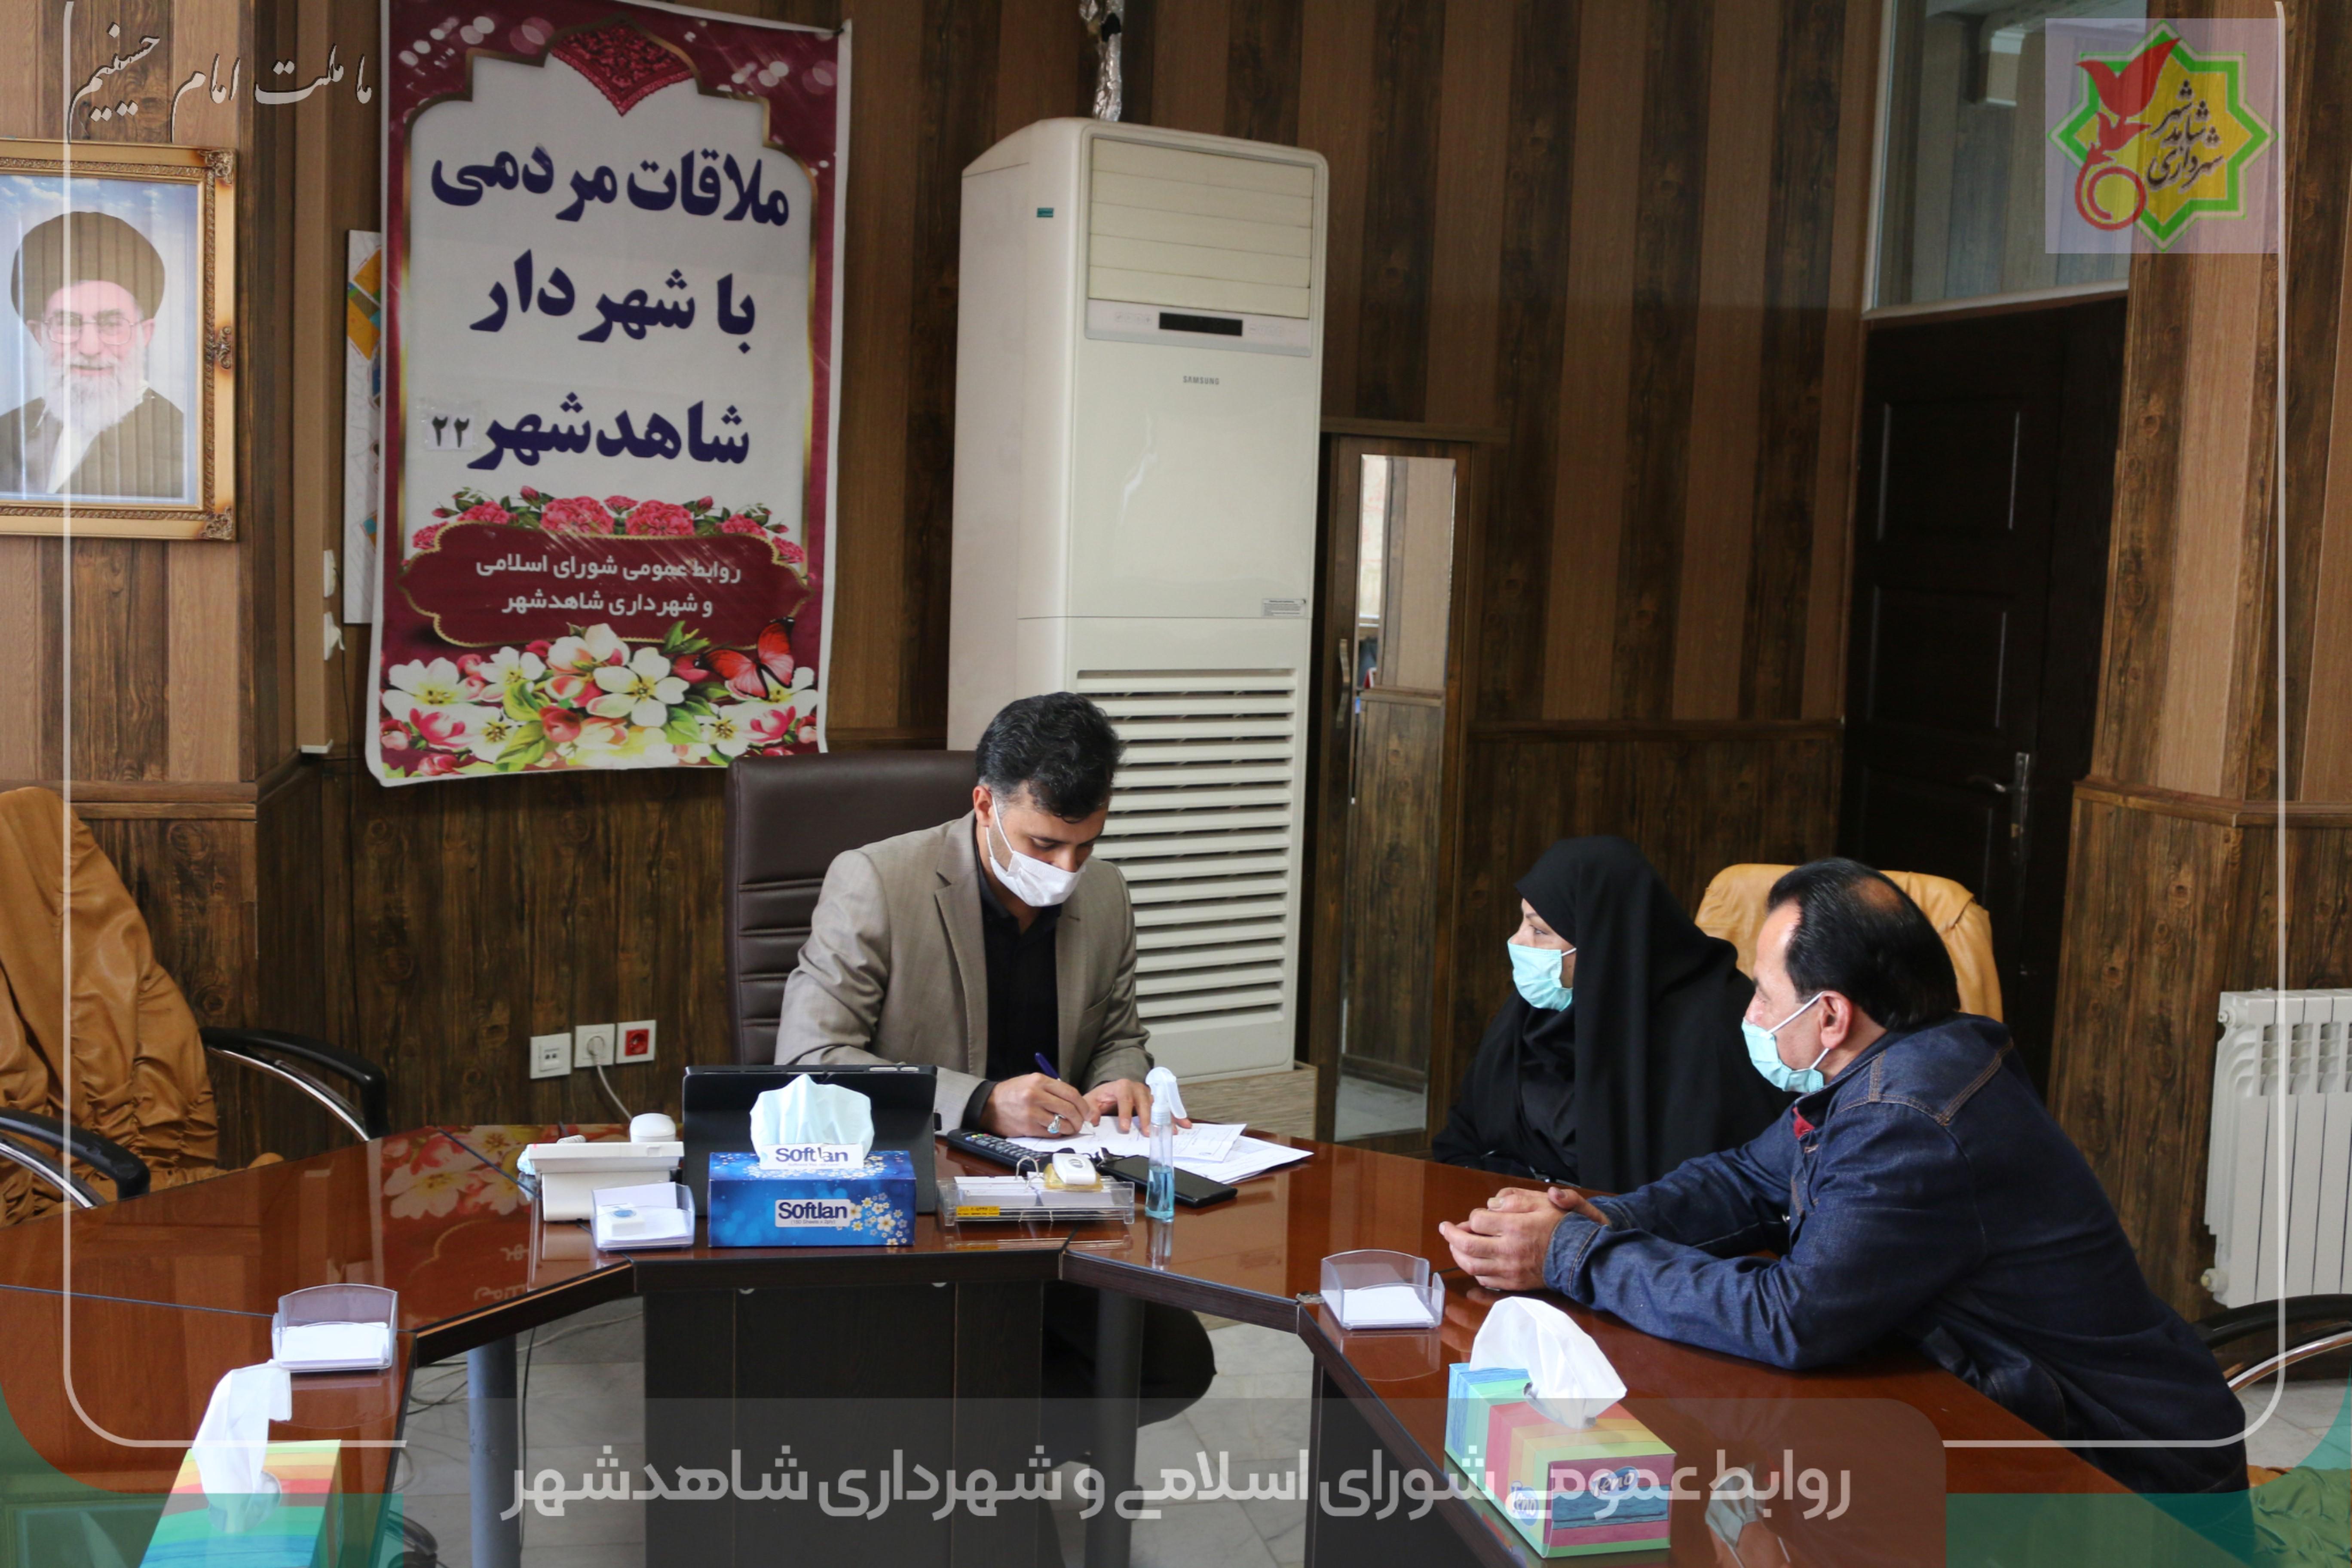 بیست و دومین ملاقات عمومی شهردار شاهدشهر با شهروندان